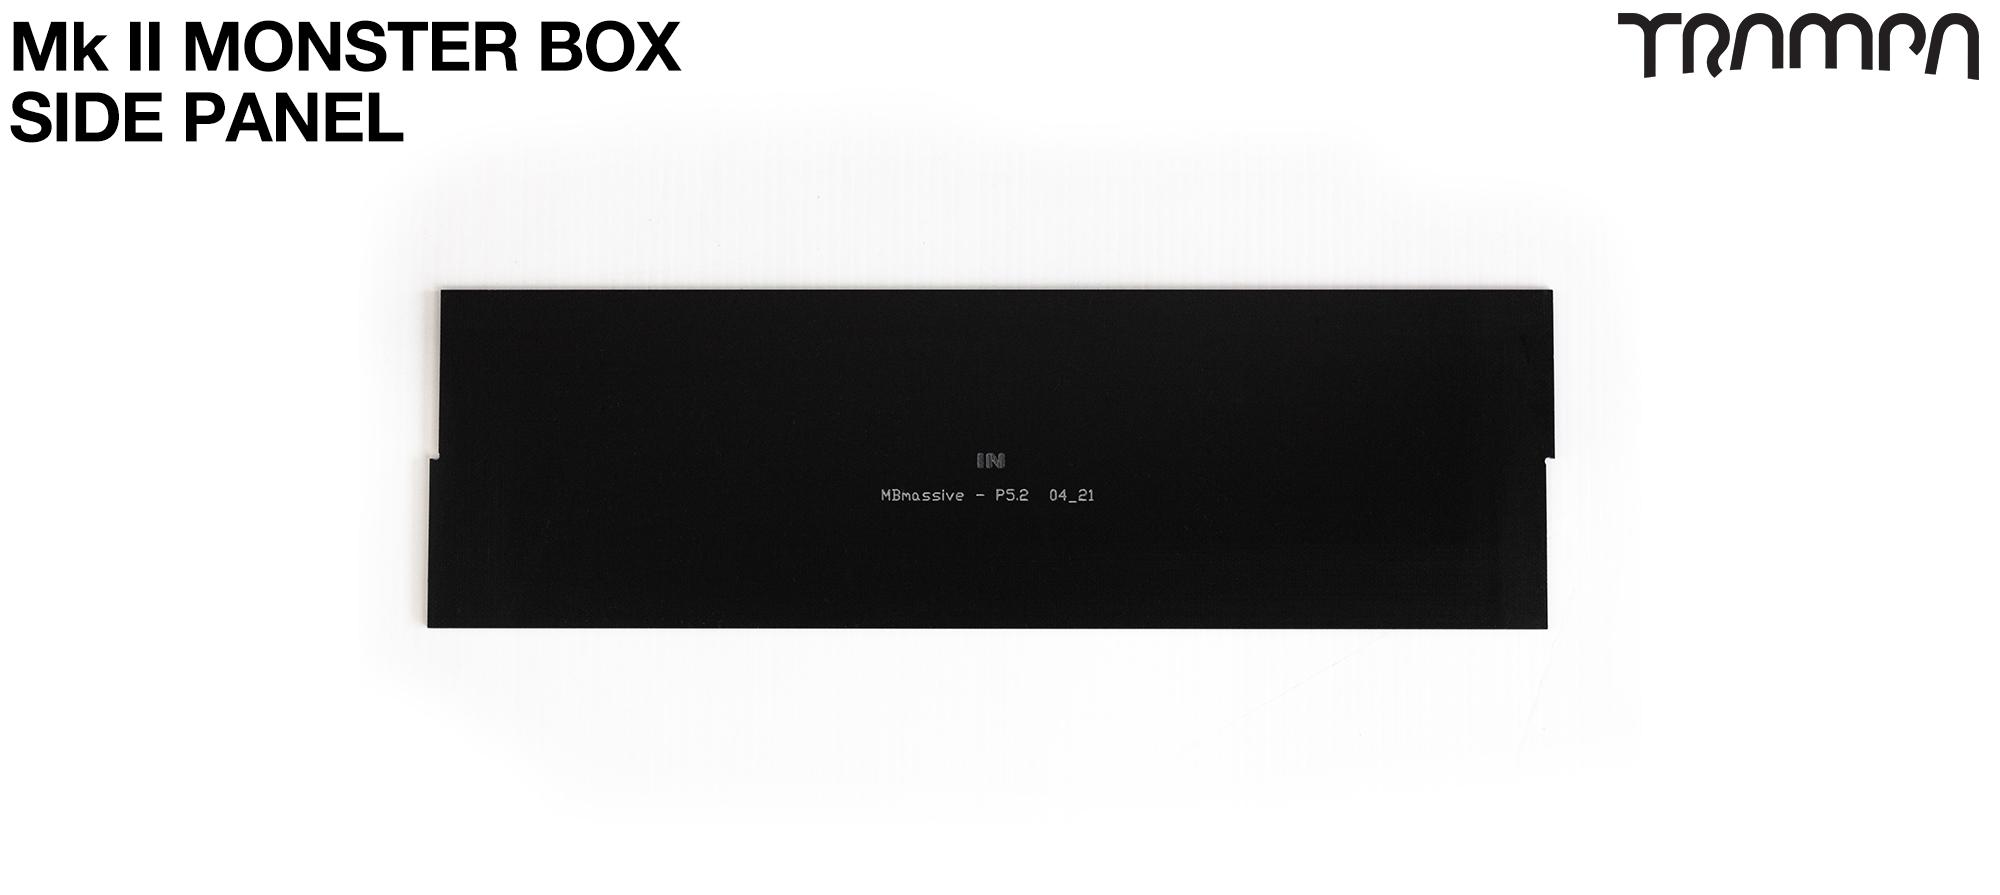 MASSIVE Monster Box SIDE PANEL - BLANK